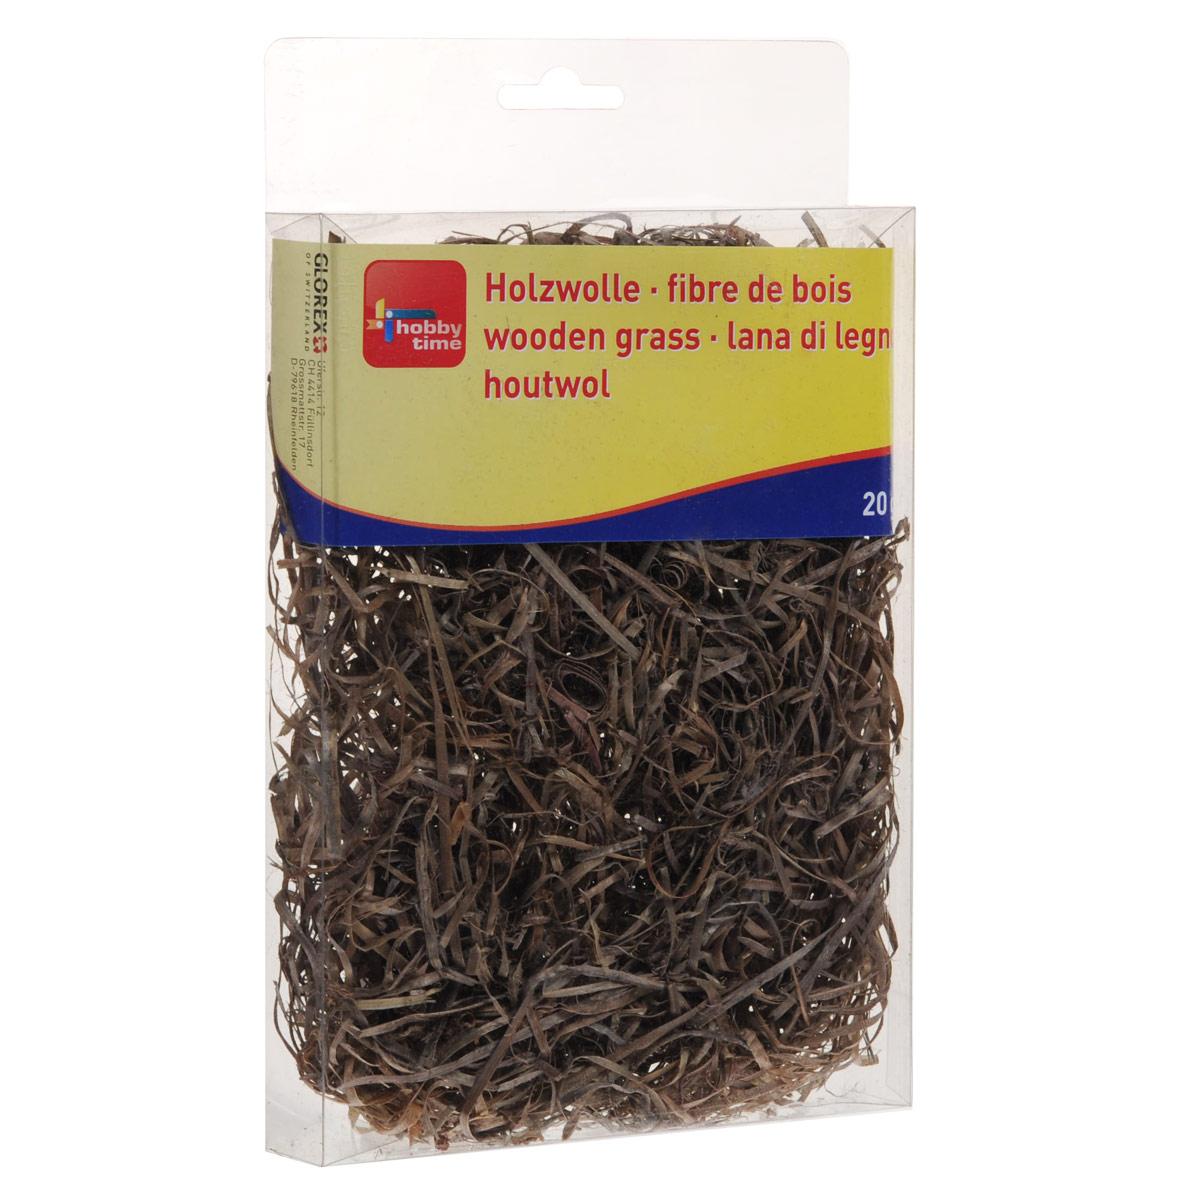 Древесная стружка Hobby Time, цвет: серый (08), 20 г7706397_08Древесная стружка Hobby Time является оригинальным натуральным материалом для декора, флористики и упаковки подарков. Естественная пластичная древесина из лиственных пород деревьев (без смолы) при небольшом увлажнении становится податливым материалом, которому можно придать необходимую форму. Тонкая стружка, сухая, экологически чистая, специально подготовленная. Могут встречаться волокна более темного или серого цвета - это нормально для натуральной древесины, которая со временем темнеет при контакте с воздухом. Стружка окрашивается в различные цвета и часто применяется в ландшафтном дизайне, изготовлении цветочных композиций, подарочных корзин, декорировании цветочных горшков, рамок, стен, в скрапбукинге, для упаковки хрупких предметов и много другого. Такой материал можно комбинировать с различными аксессуарами, как с природными - веточки, шишки, скорлупа, кора, перья так и с искусственными - стразы, бисер, бусины. Уникальная токая структура...